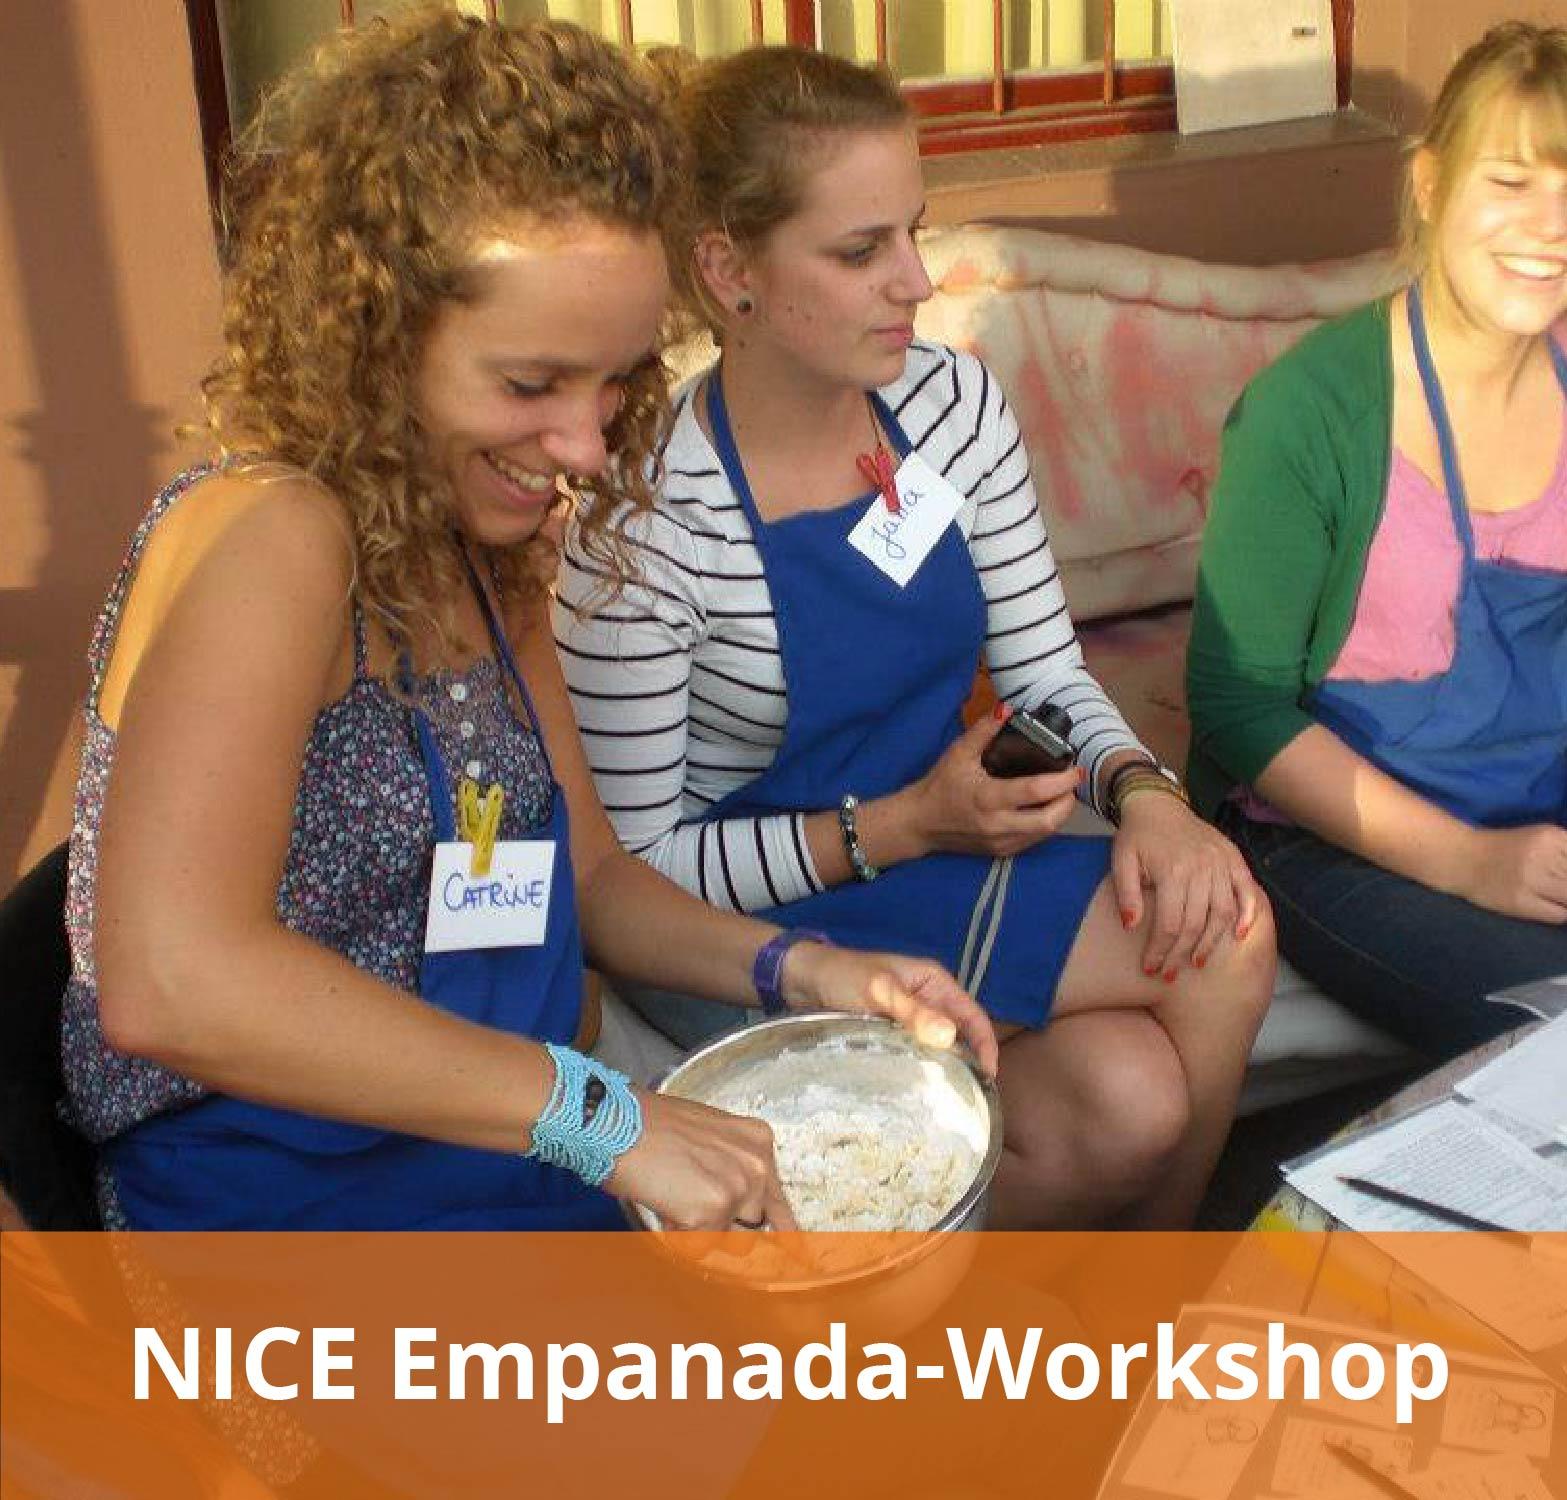 Soziale Arbeit mit Kindern Empanadas